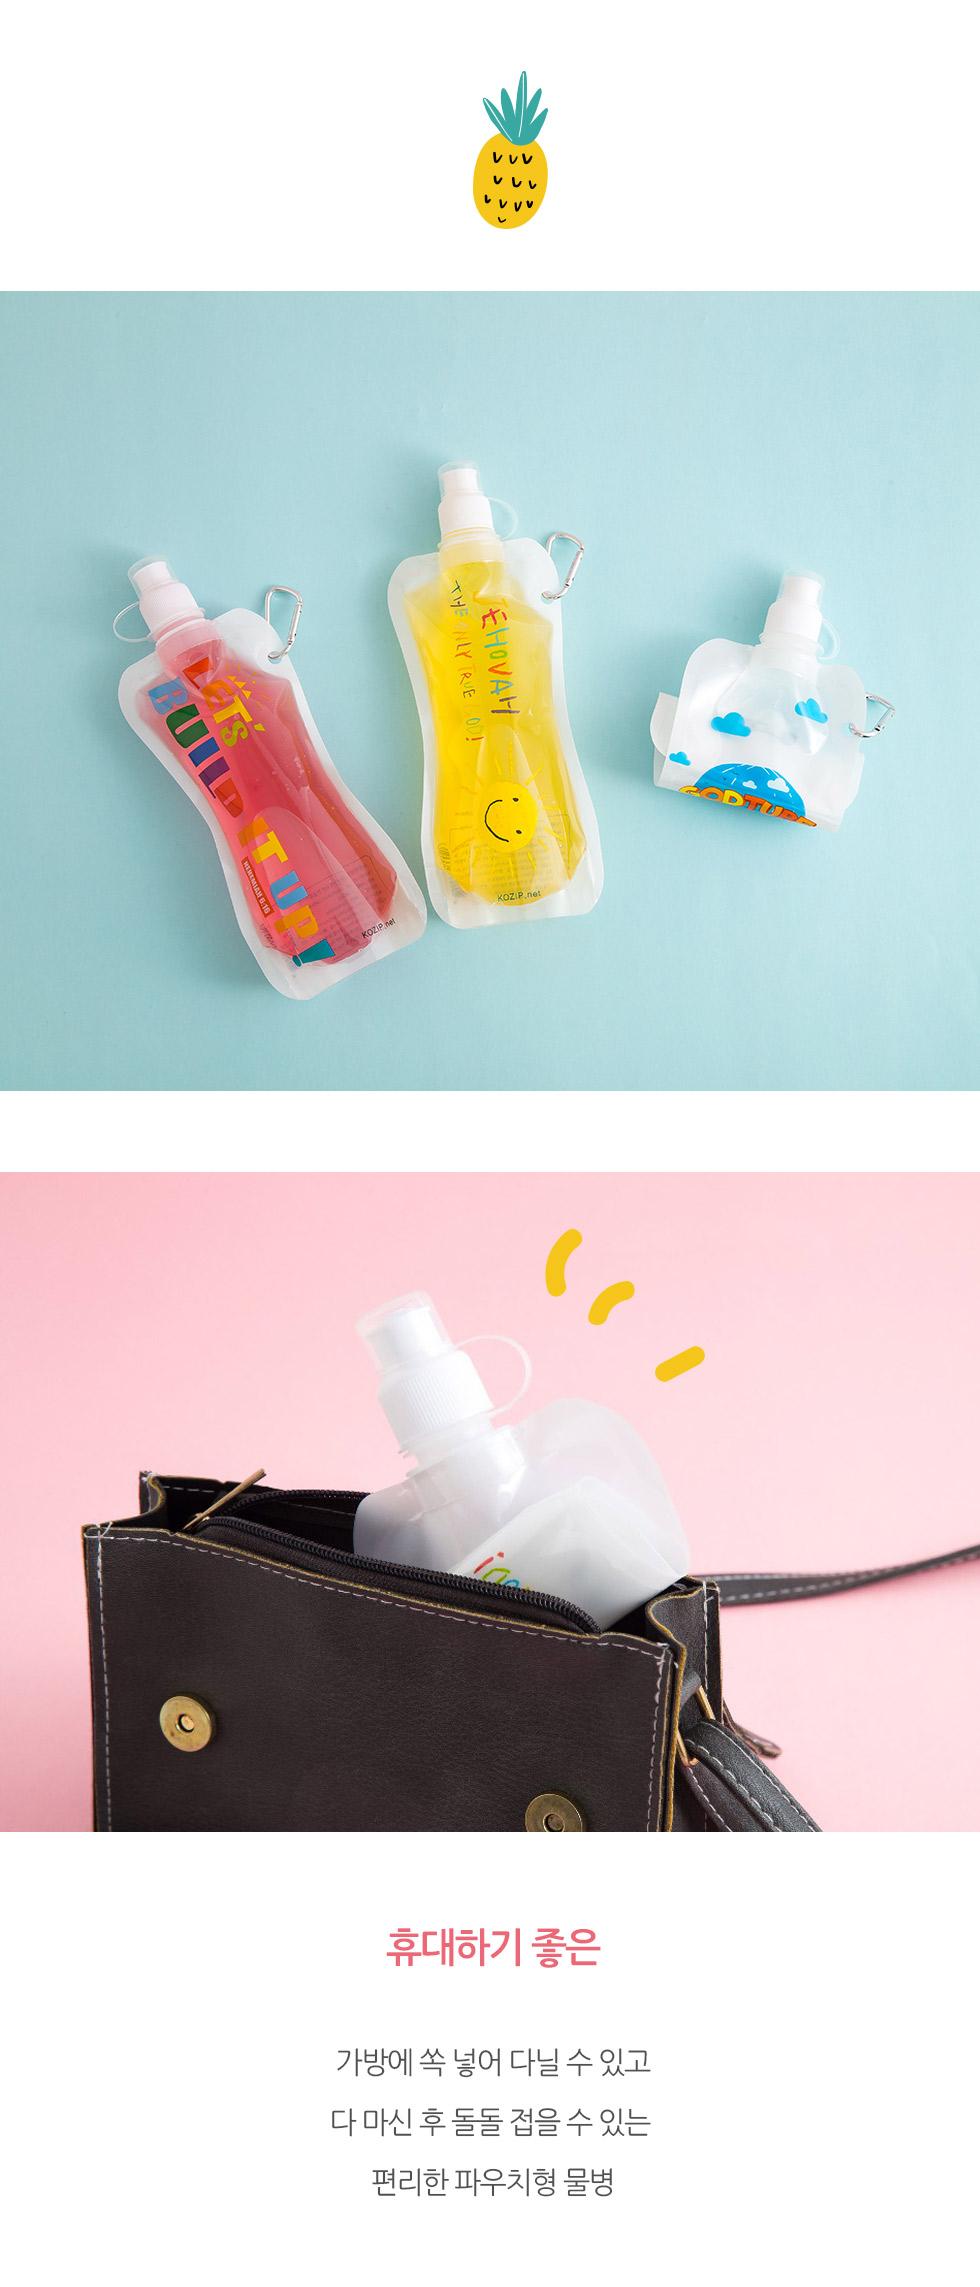 메시지가 담긴 접는 물병 스파우트 파우치 휴대하기 좋고 - 부피가 작고 가벼워 가방에 쏙 넣을 수 있고 다 마신 후 돌돌 접을 수 있는 편리한 파우치형 물병